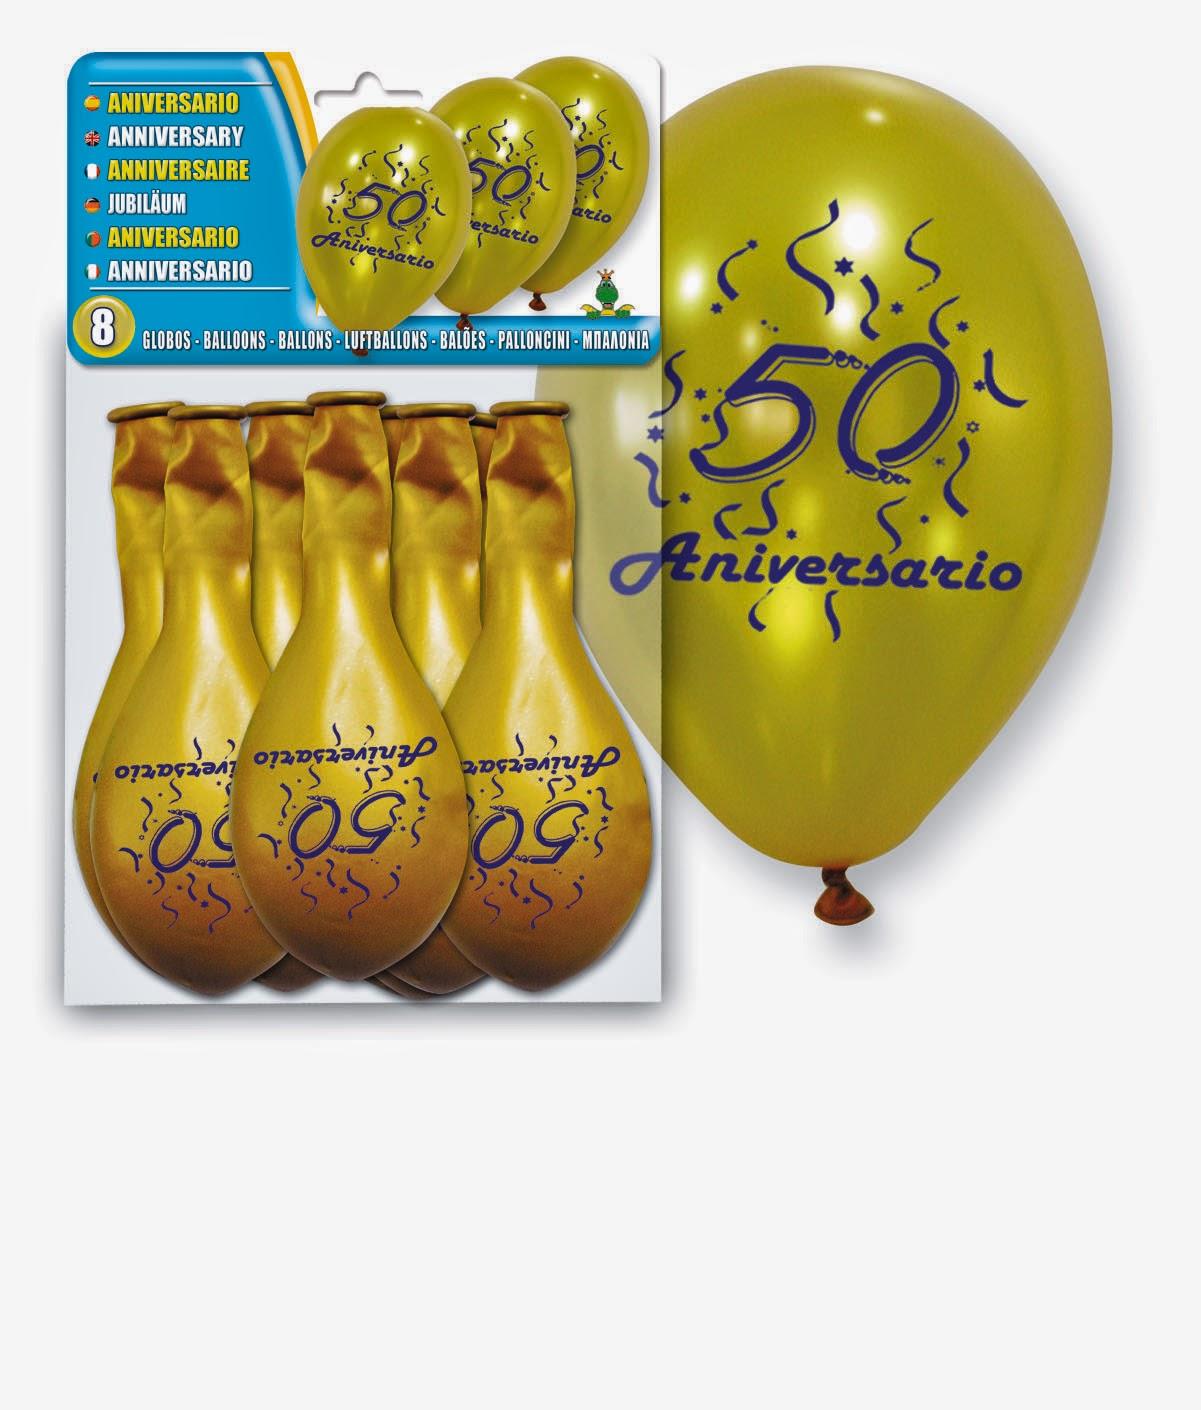 imagen celebracion 50 aniversario